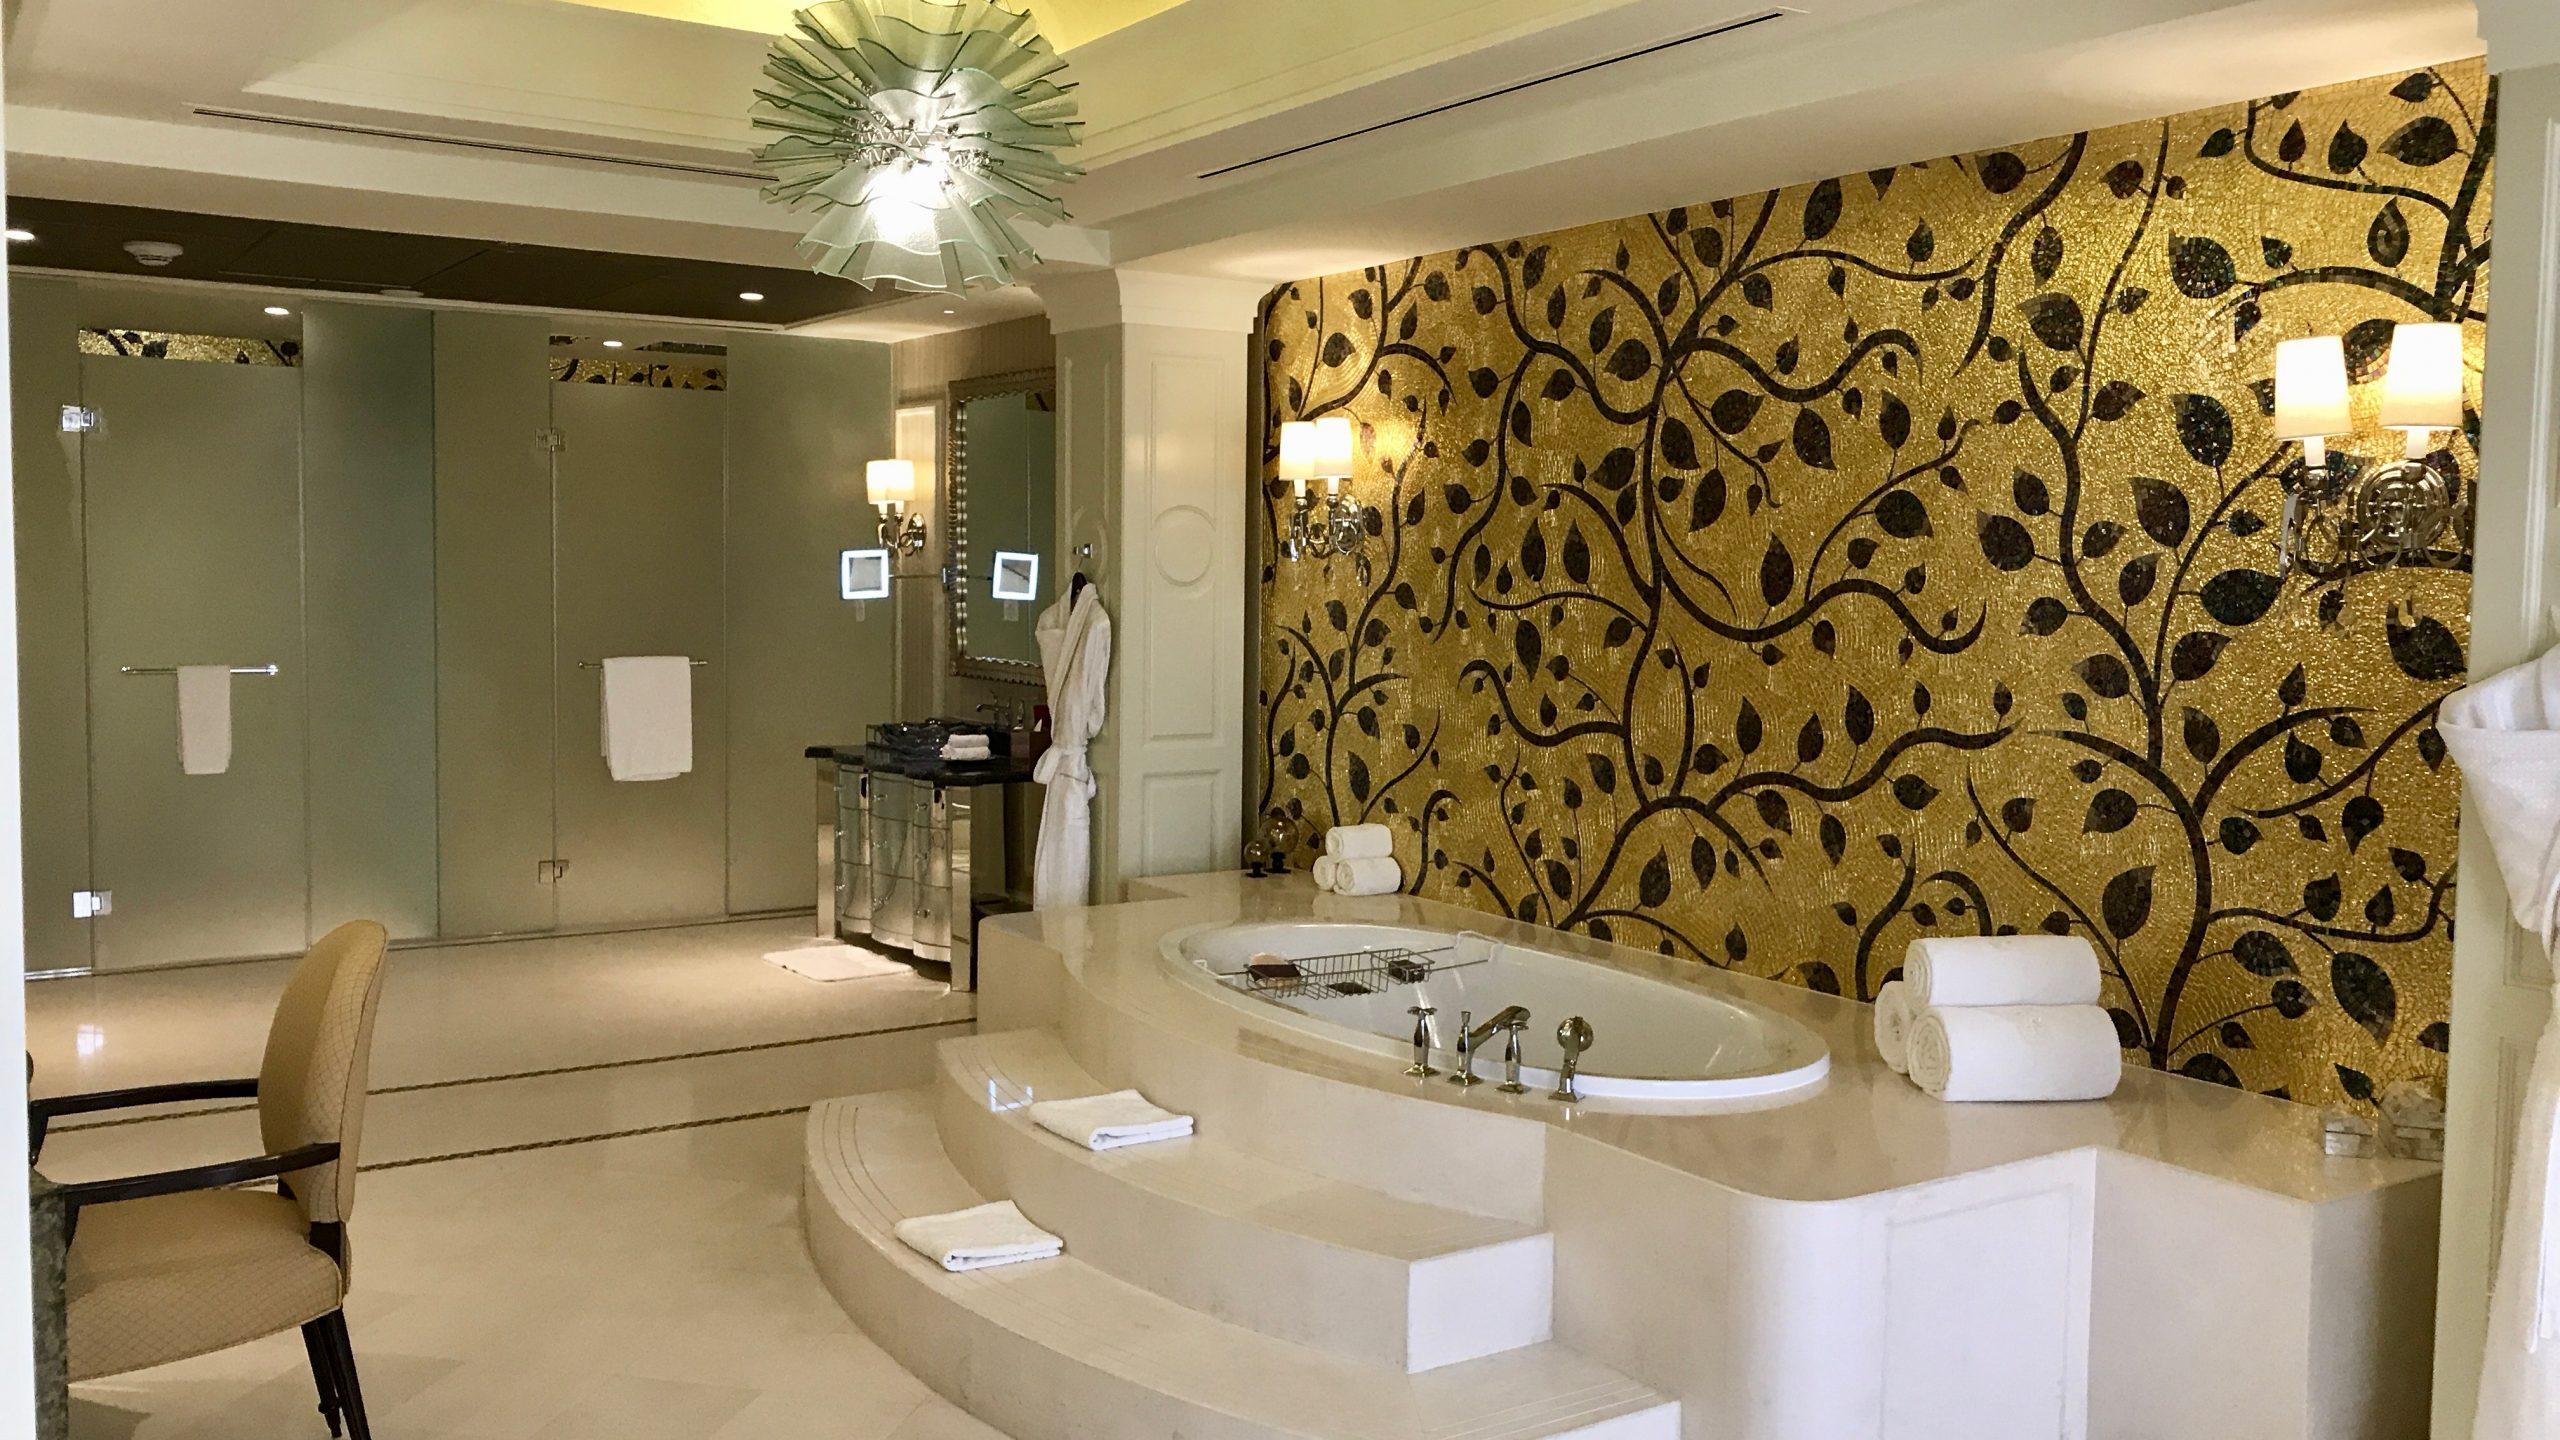 Luxushotel The Ritz-Carlton Abu Dhabi großzügiges Badezimmer in der Royal Suite. Goldene Wand, riesige Badewanne, Lampen und größter Luxus.